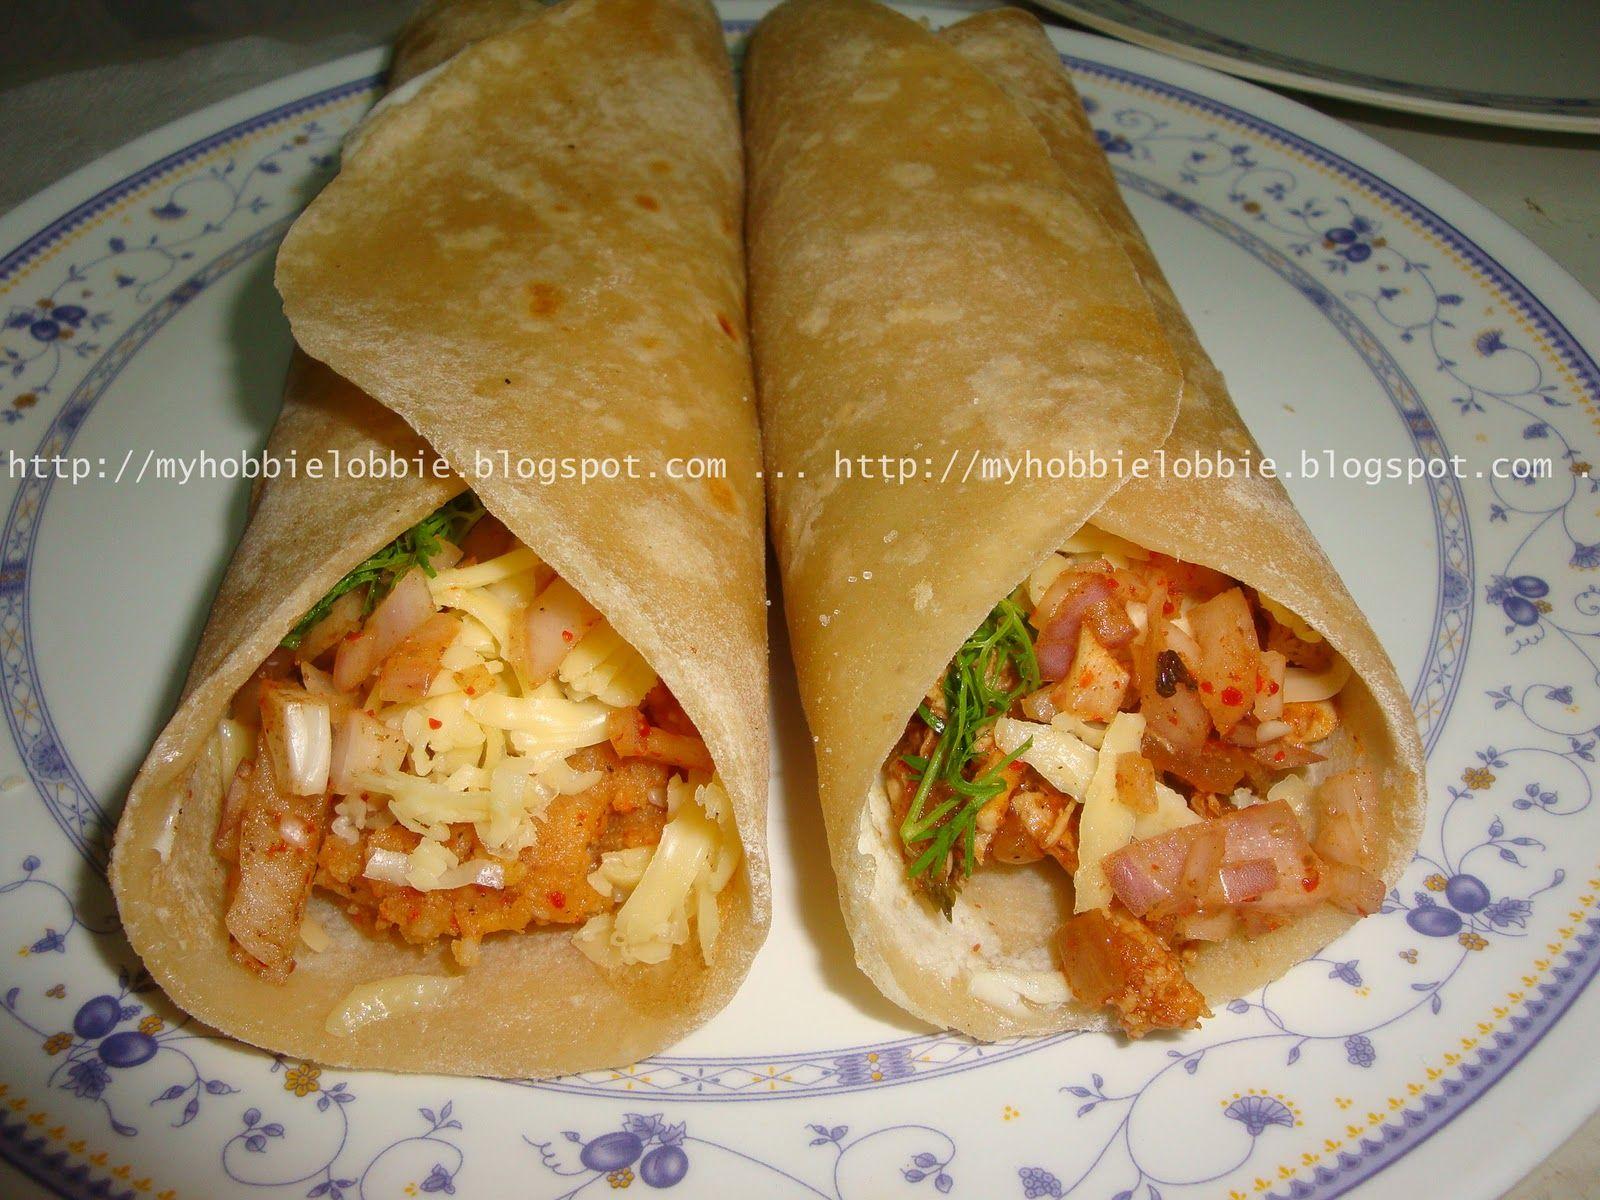 My hobbie lobbie bombay street food special 5 chicken frankies my hobbie lobbie bombay street food special 5 chicken frankies mumbai style forumfinder Choice Image